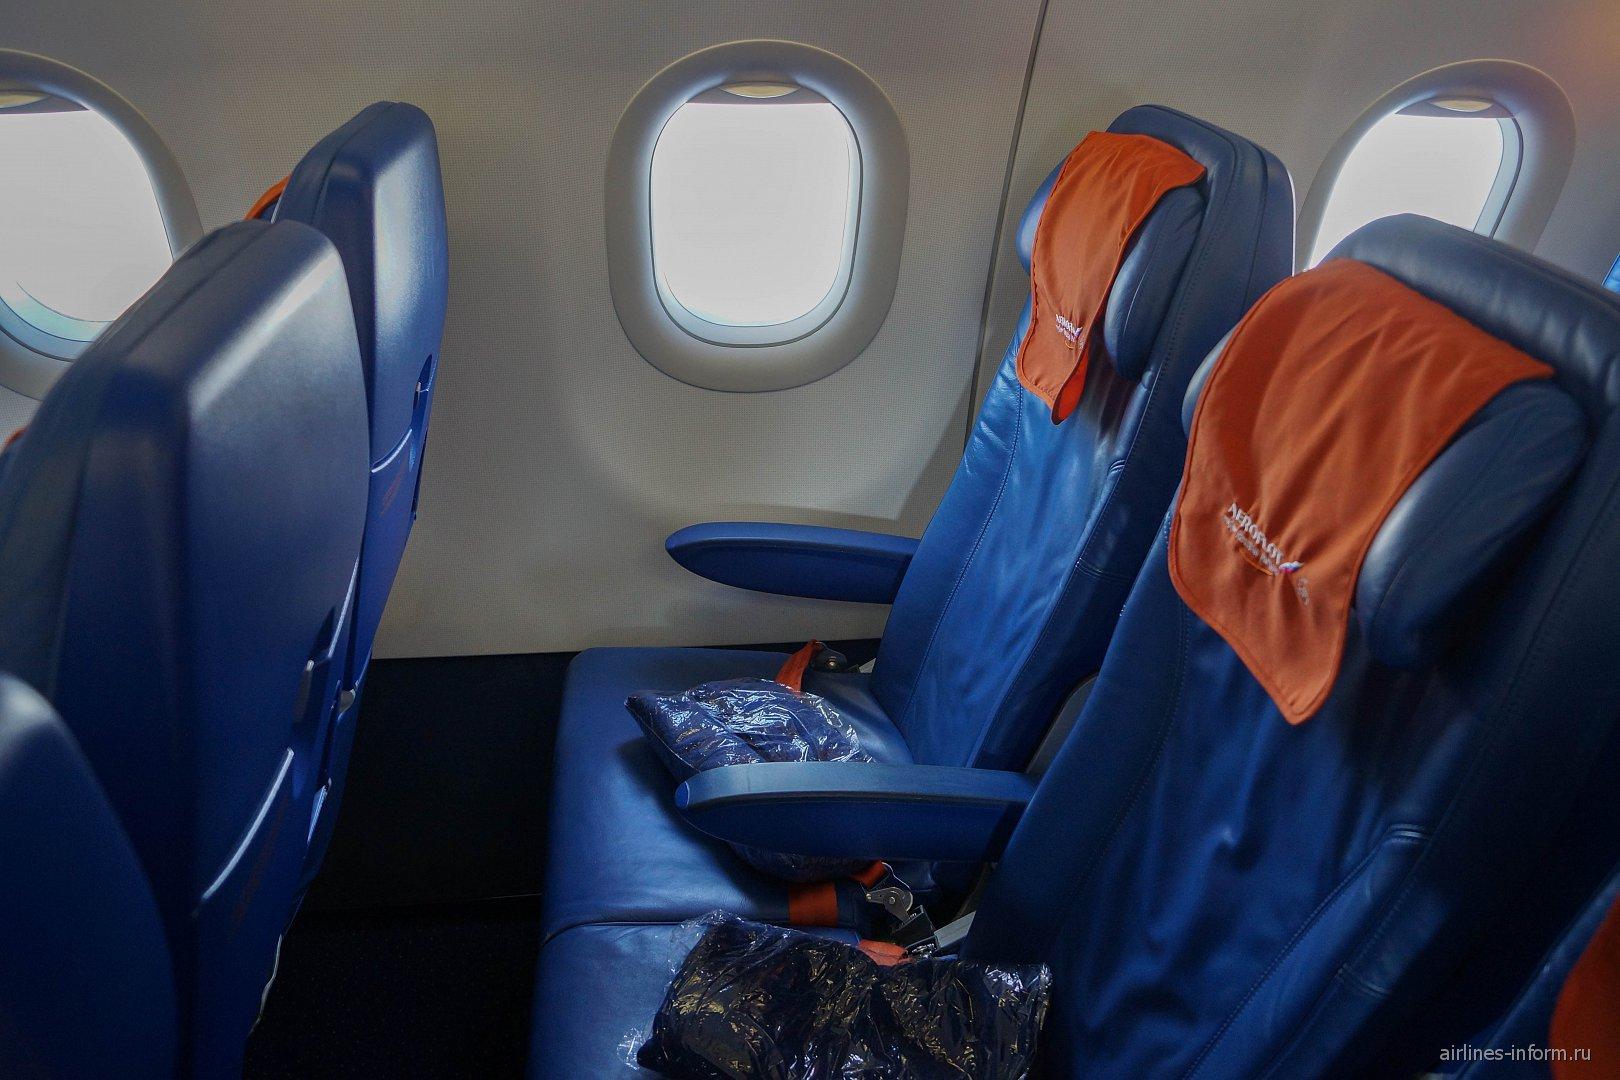 Пассажирские места экономического класса в самолете Airbus A321 Аэрофлота